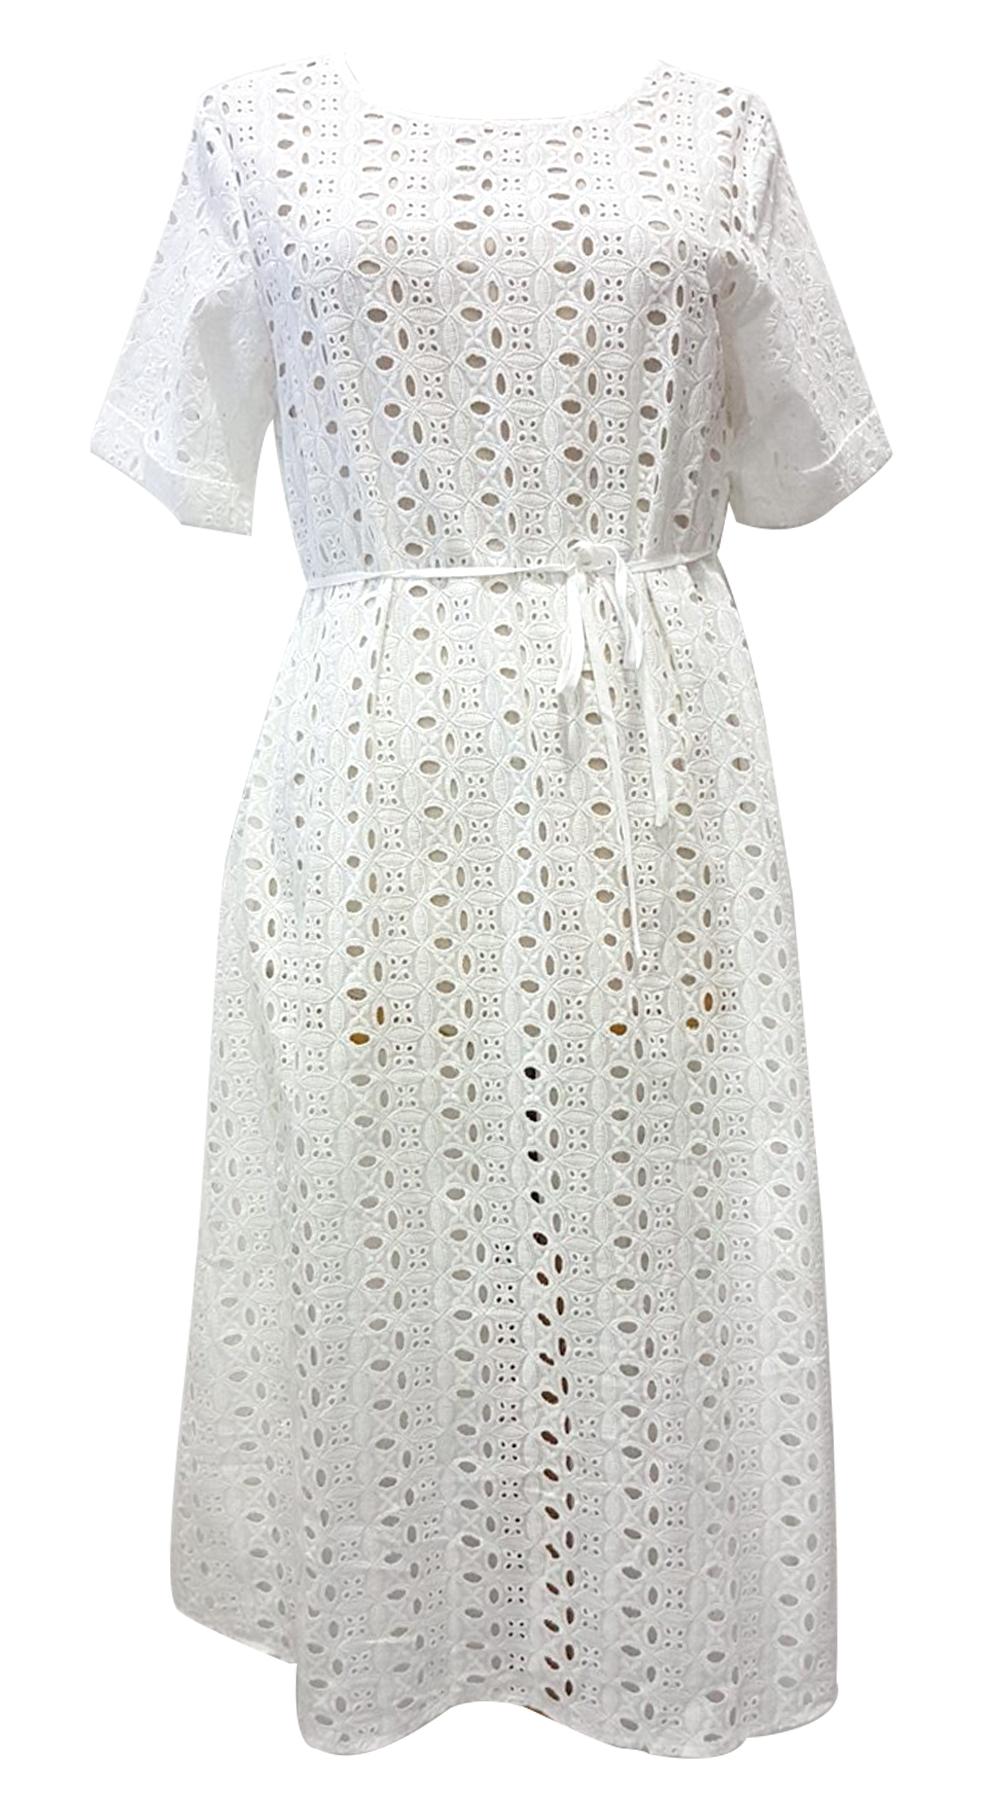 Boho Τρυπητό δαντέλα Midi Φόρεμα - MissReina - SP19GAL-52873 φορέματα so girly